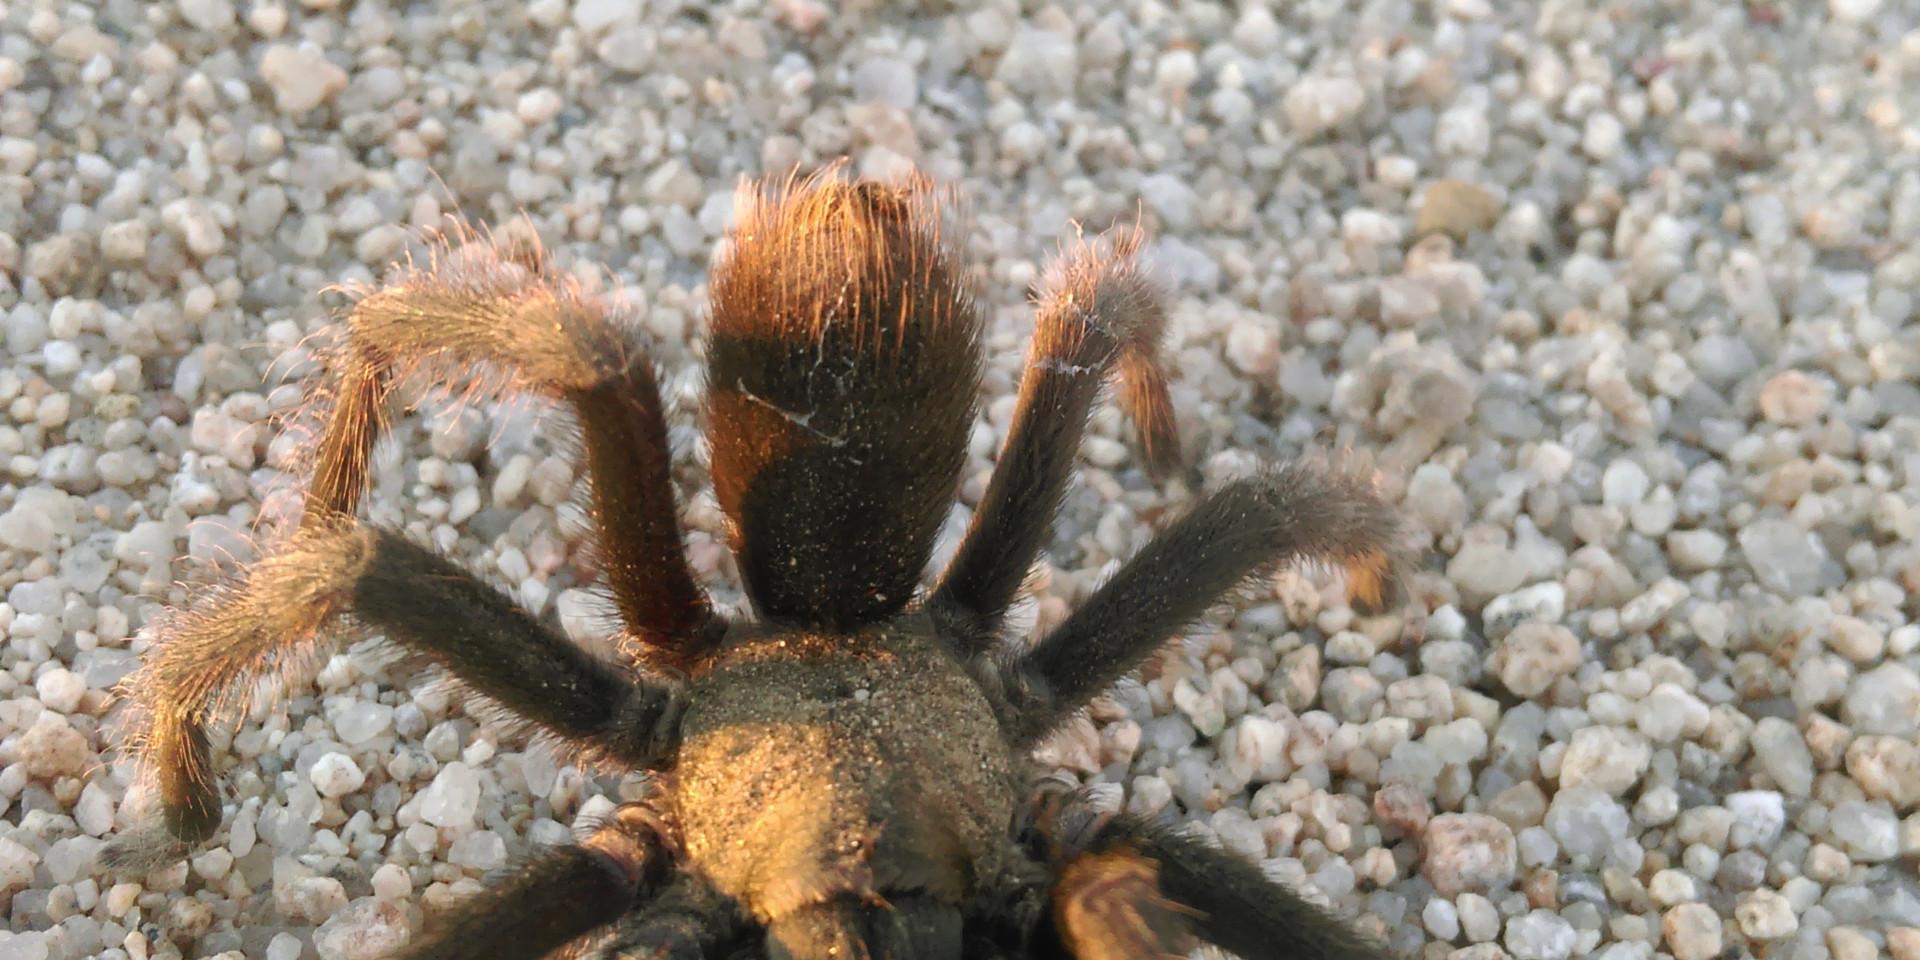 Tarantula breeding season 2018 29 Palms, CA